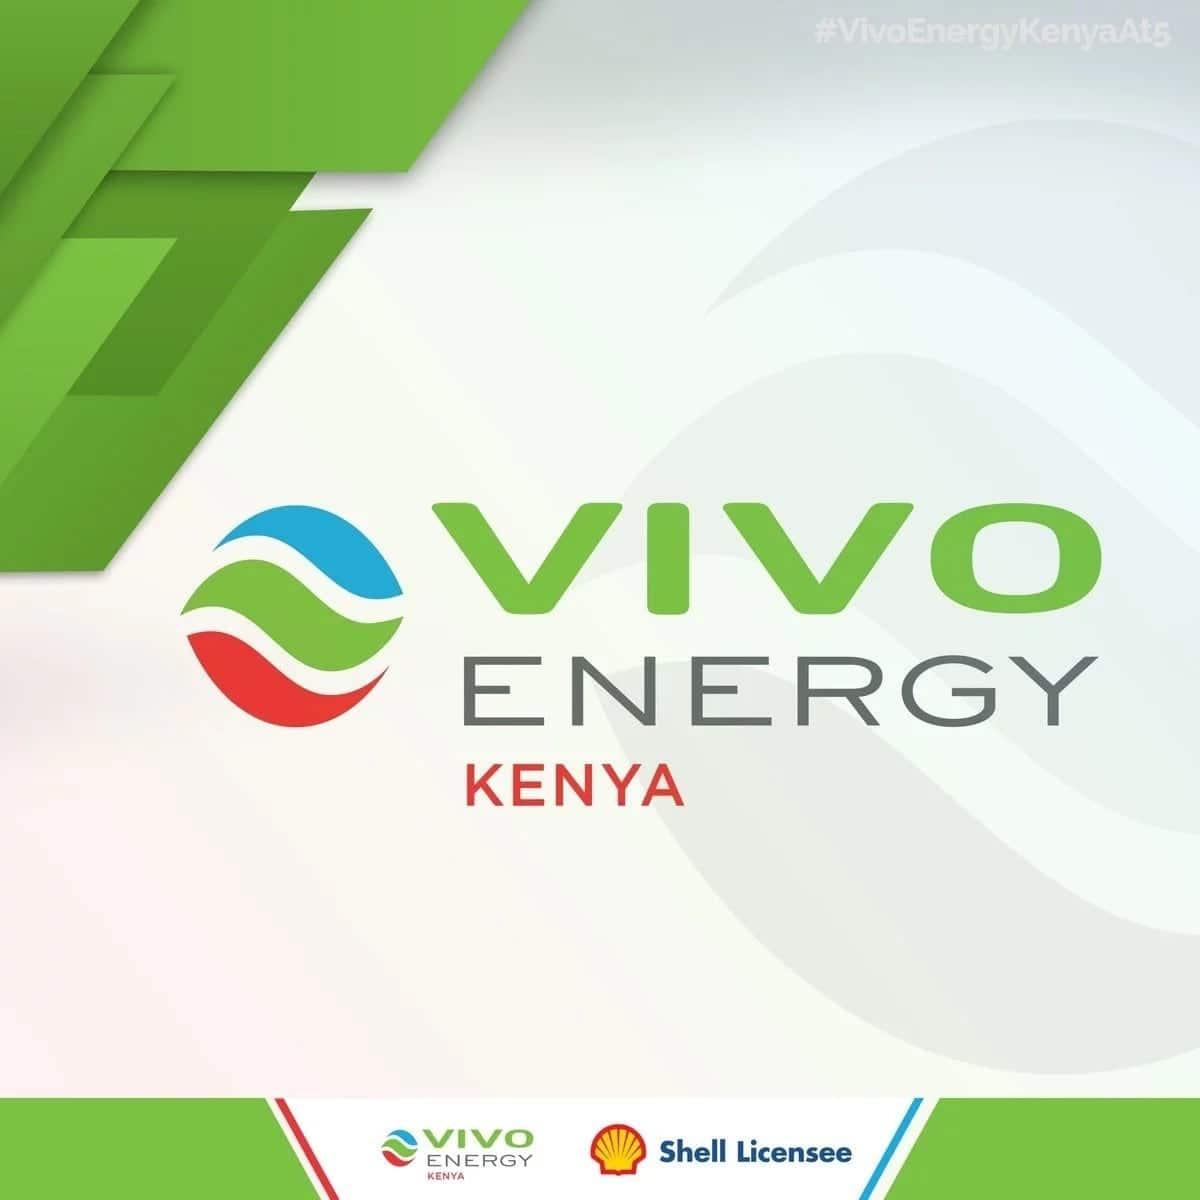 Vivo energy Kenya contacts, Vivo energy Kenya limited contacts, Vivo energy Kenya phone number